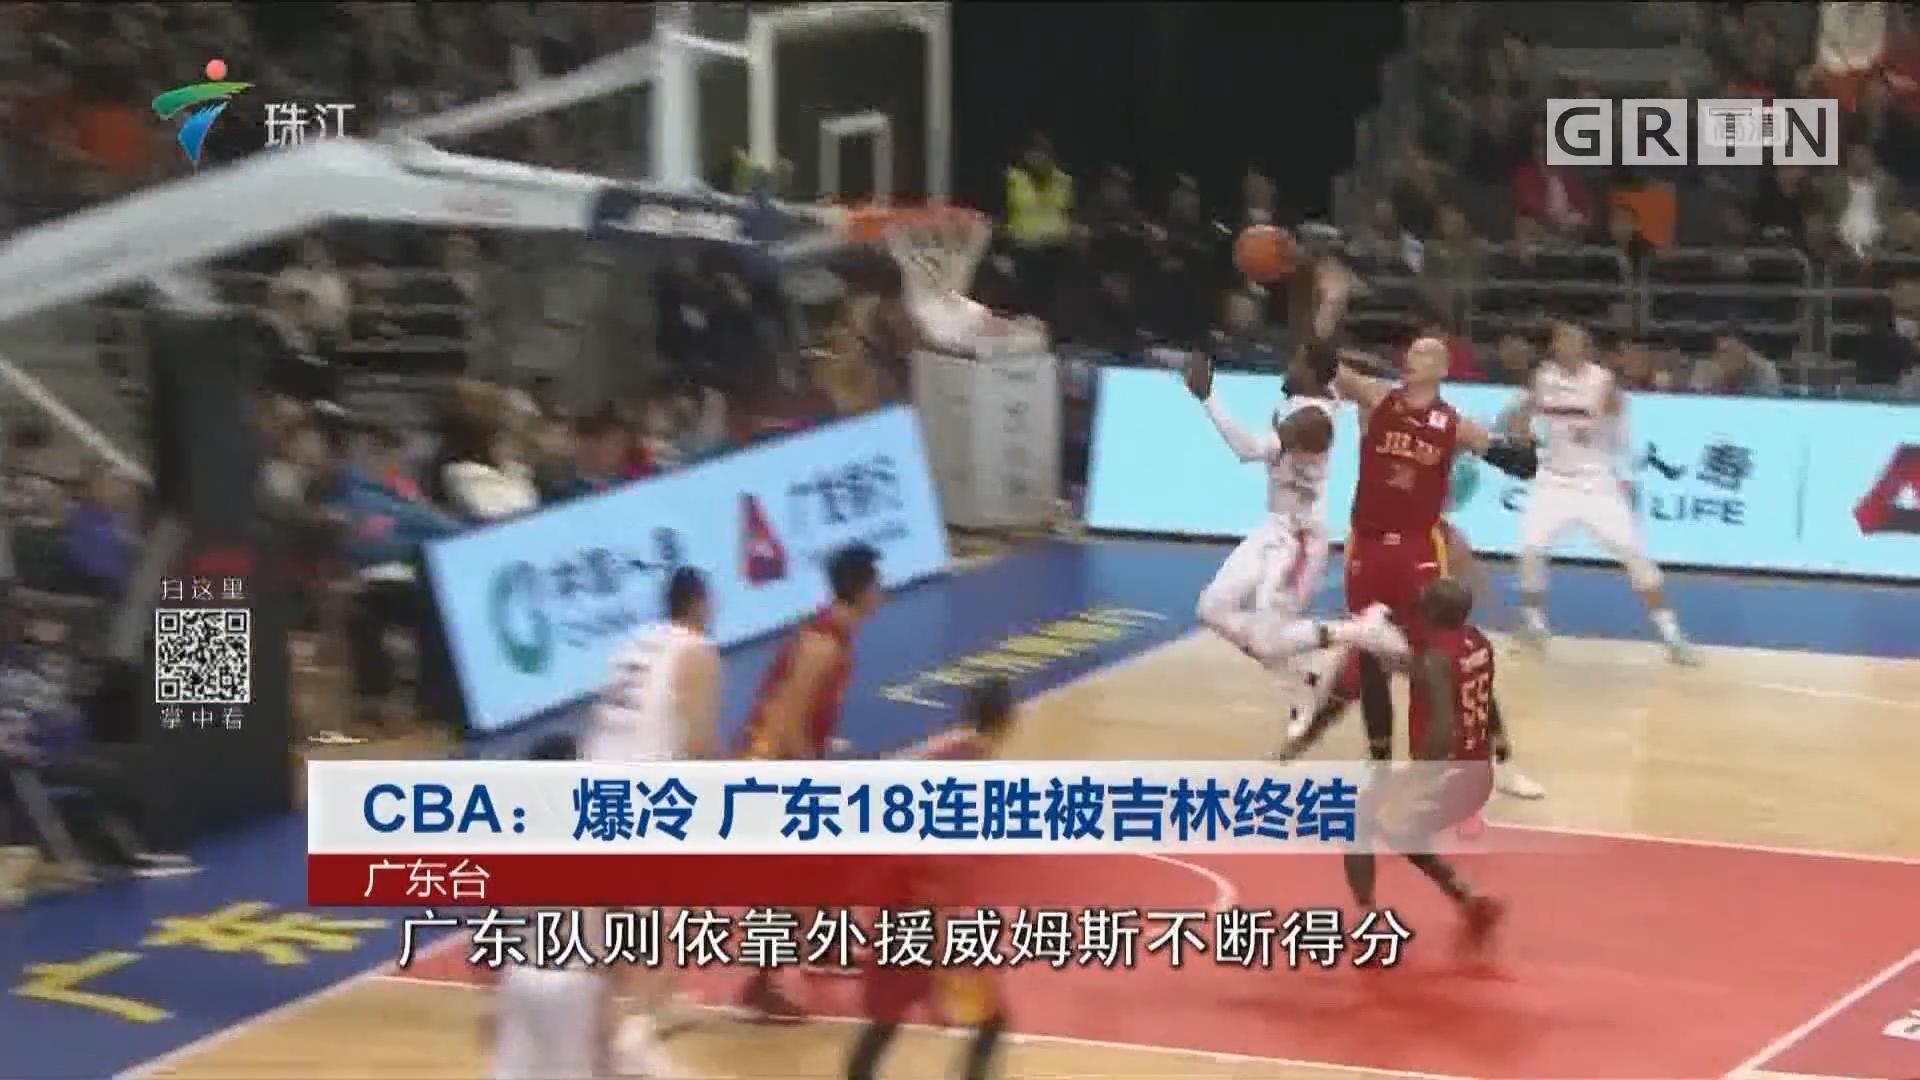 CBA:爆冷 广东18连胜被吉林终结